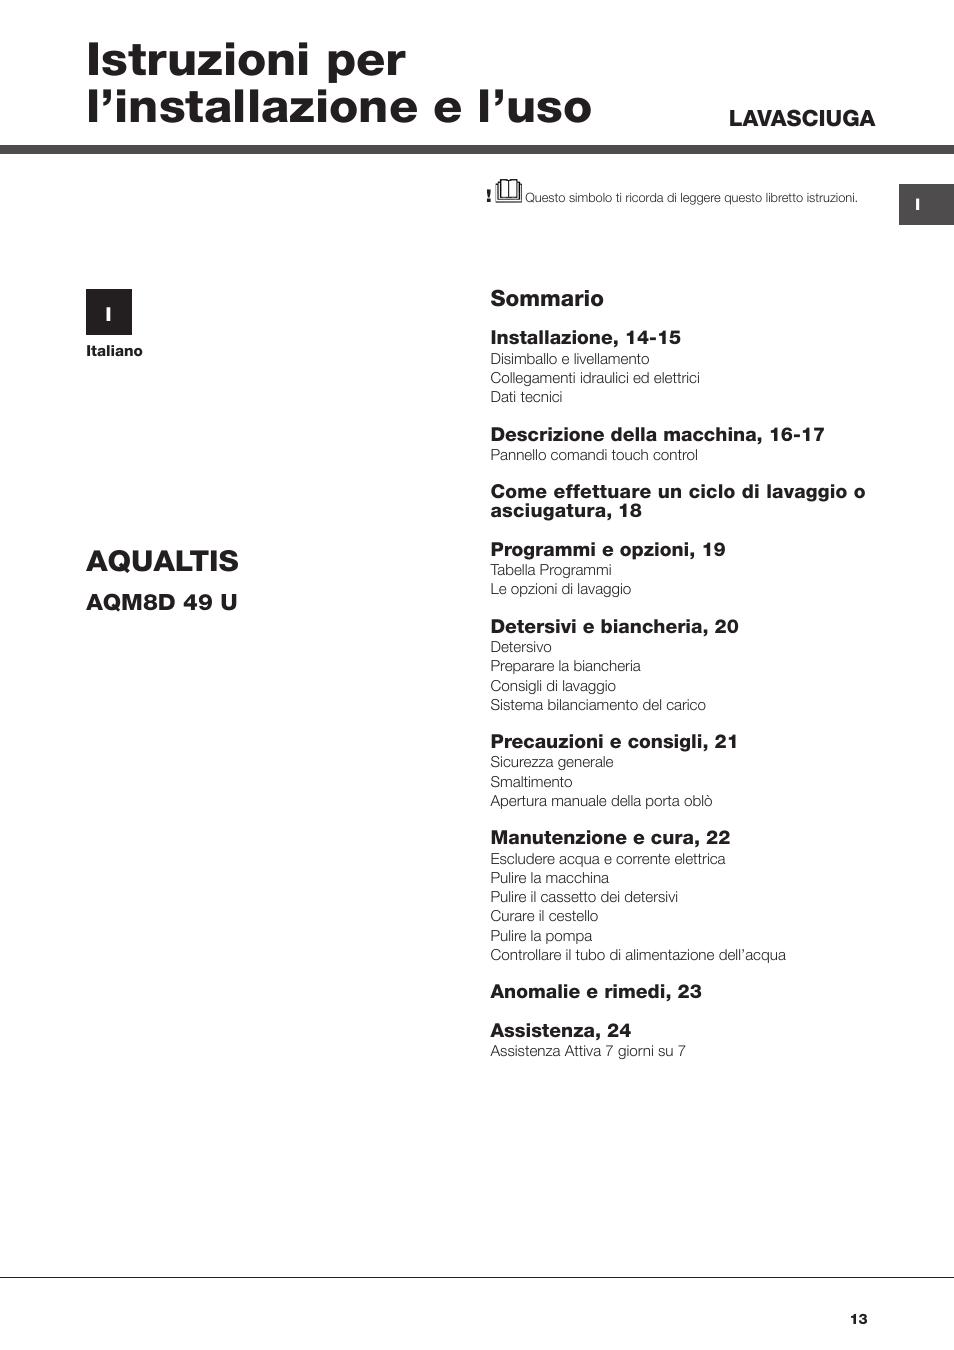 Istruzioni per l installazione e l uso aqualtis for Caldaia ariston egis manuale d uso